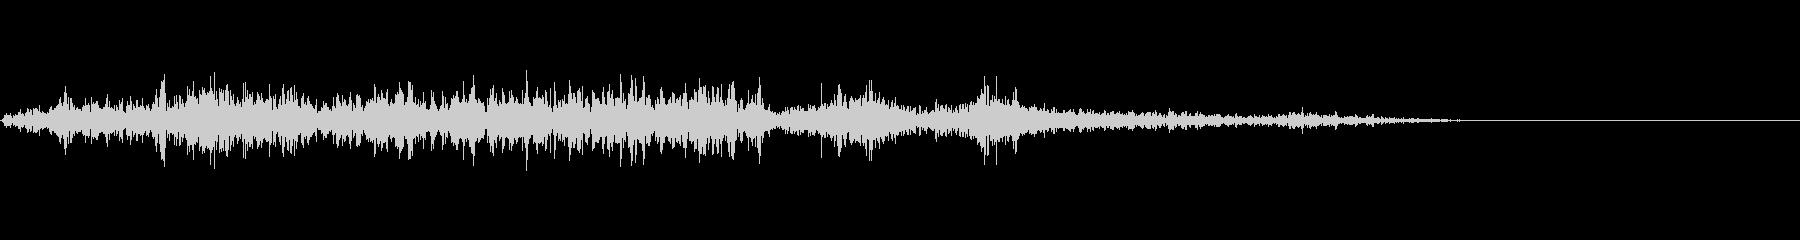 カミナリ(遠雷)-12の未再生の波形